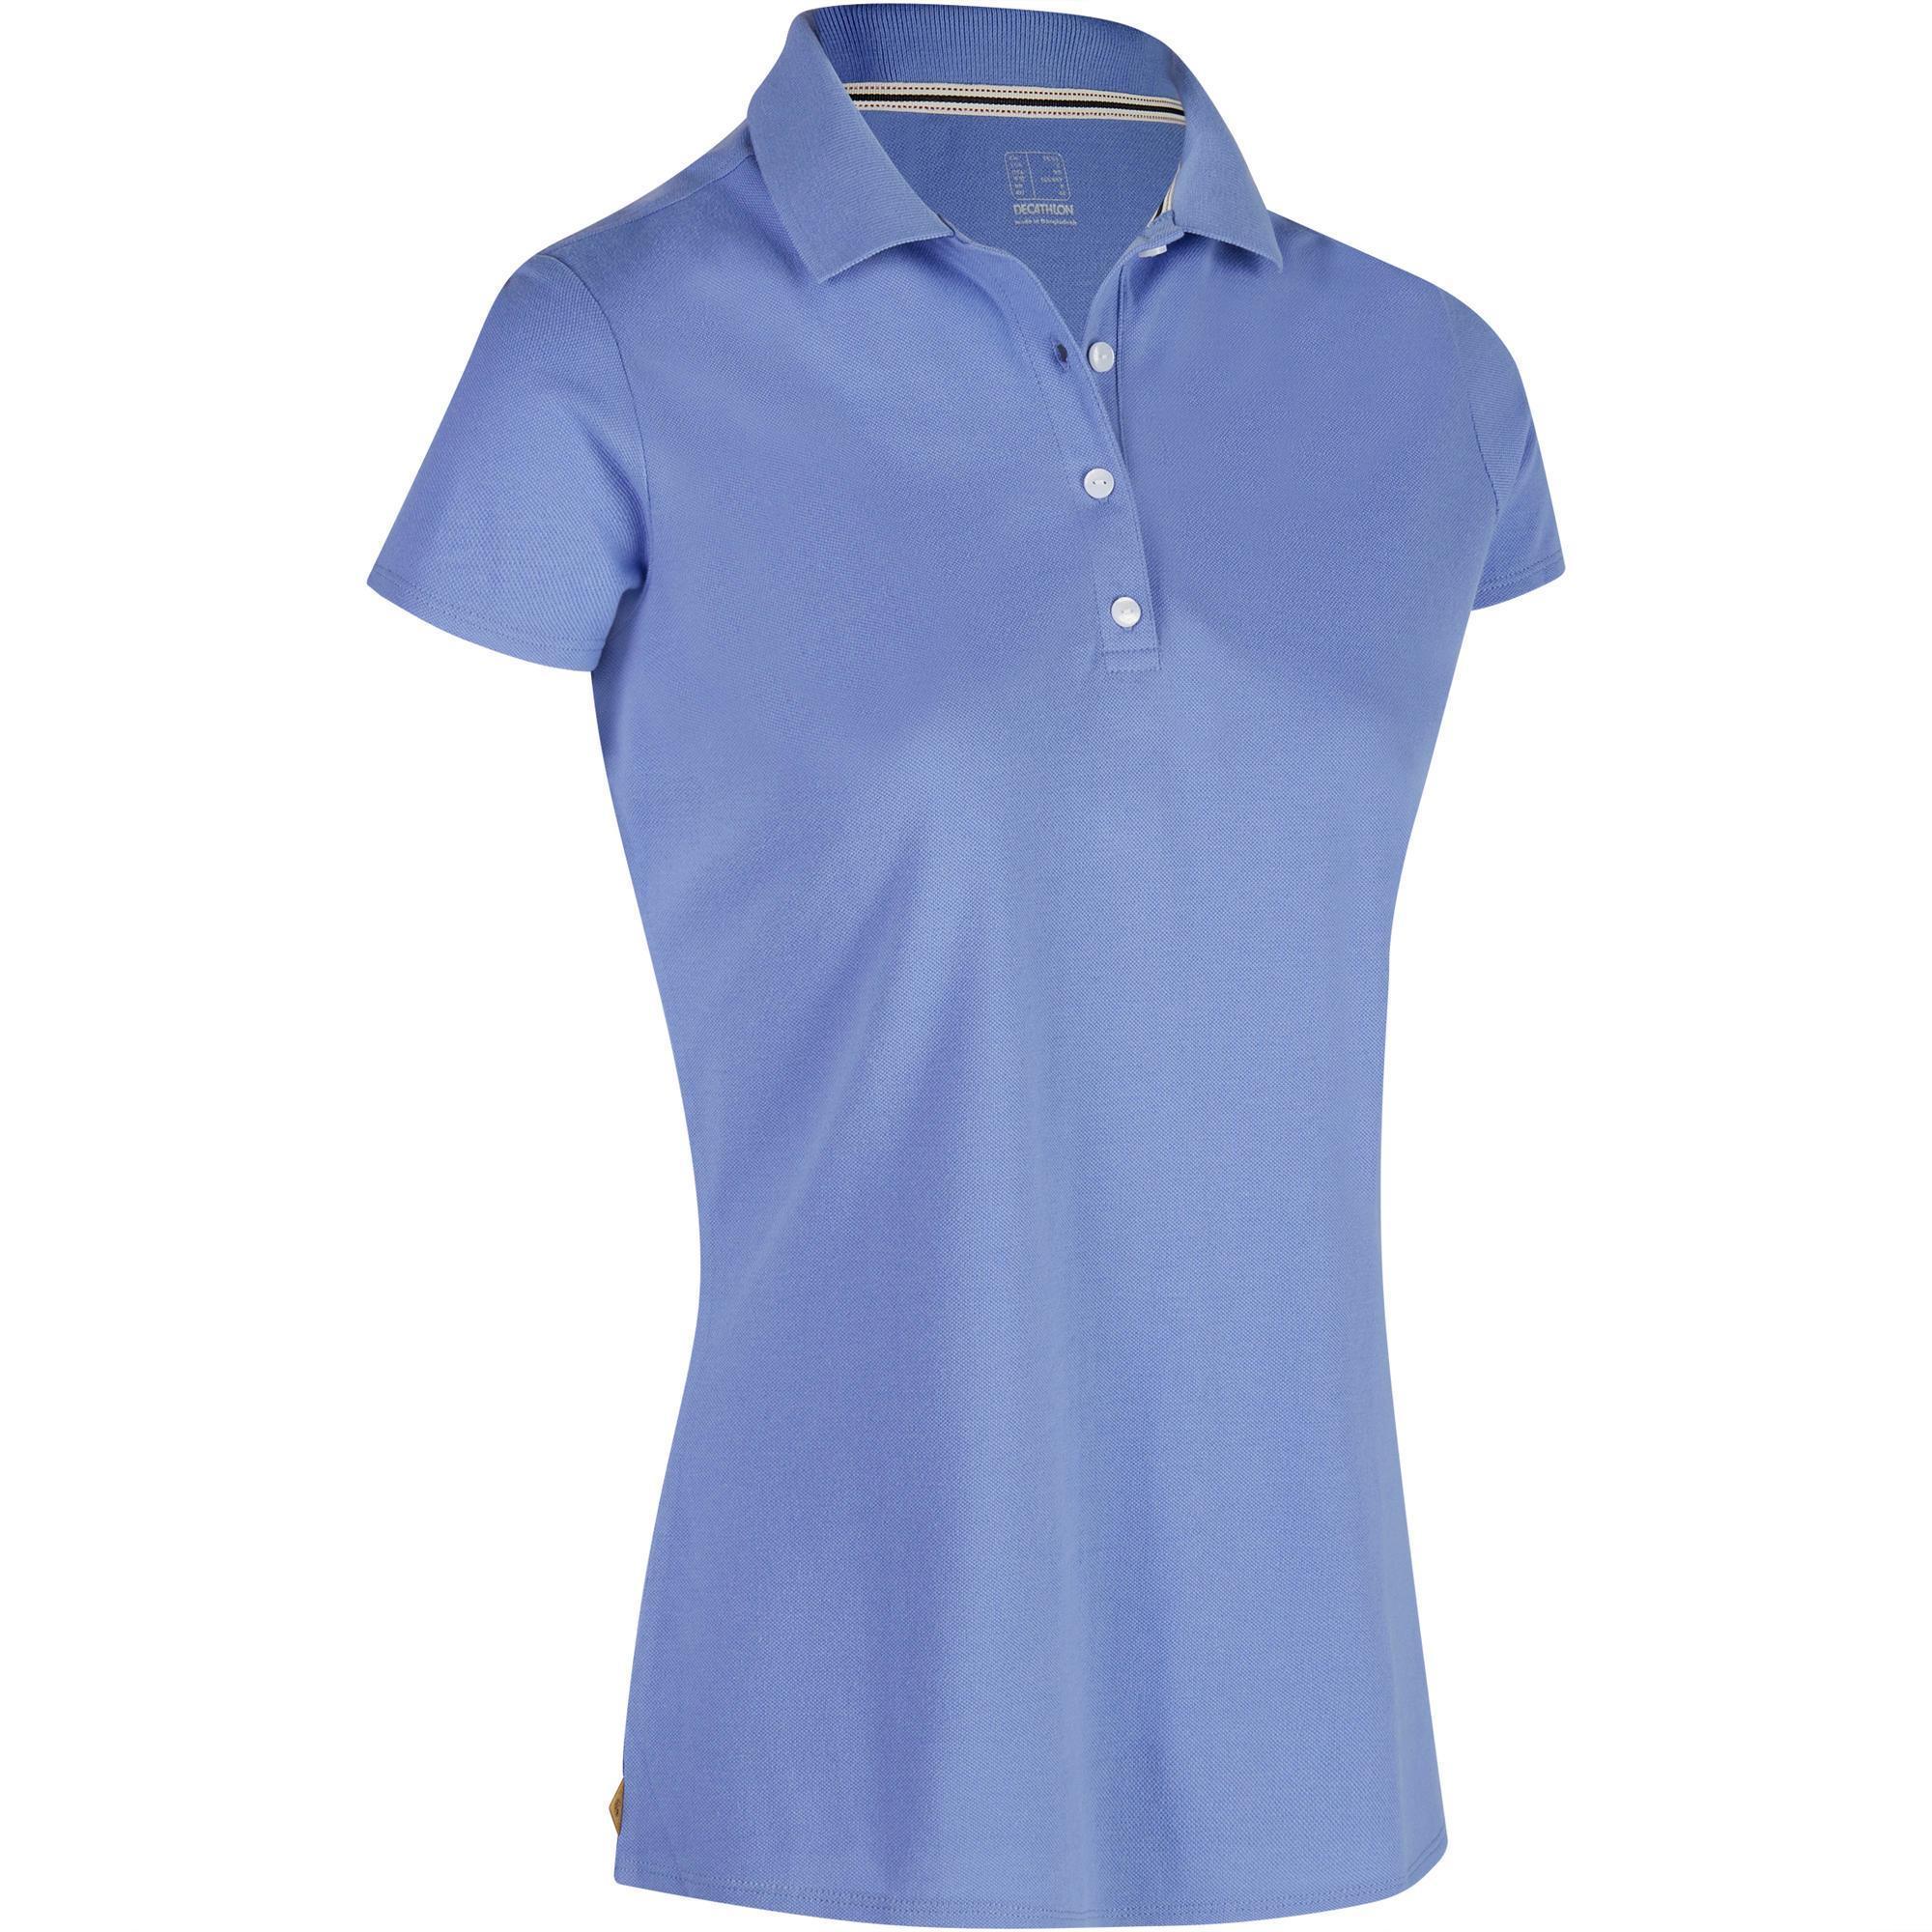 Inesis Golfpolo 500 met korte mouwen voor dames, zacht weer, lavendelblauw